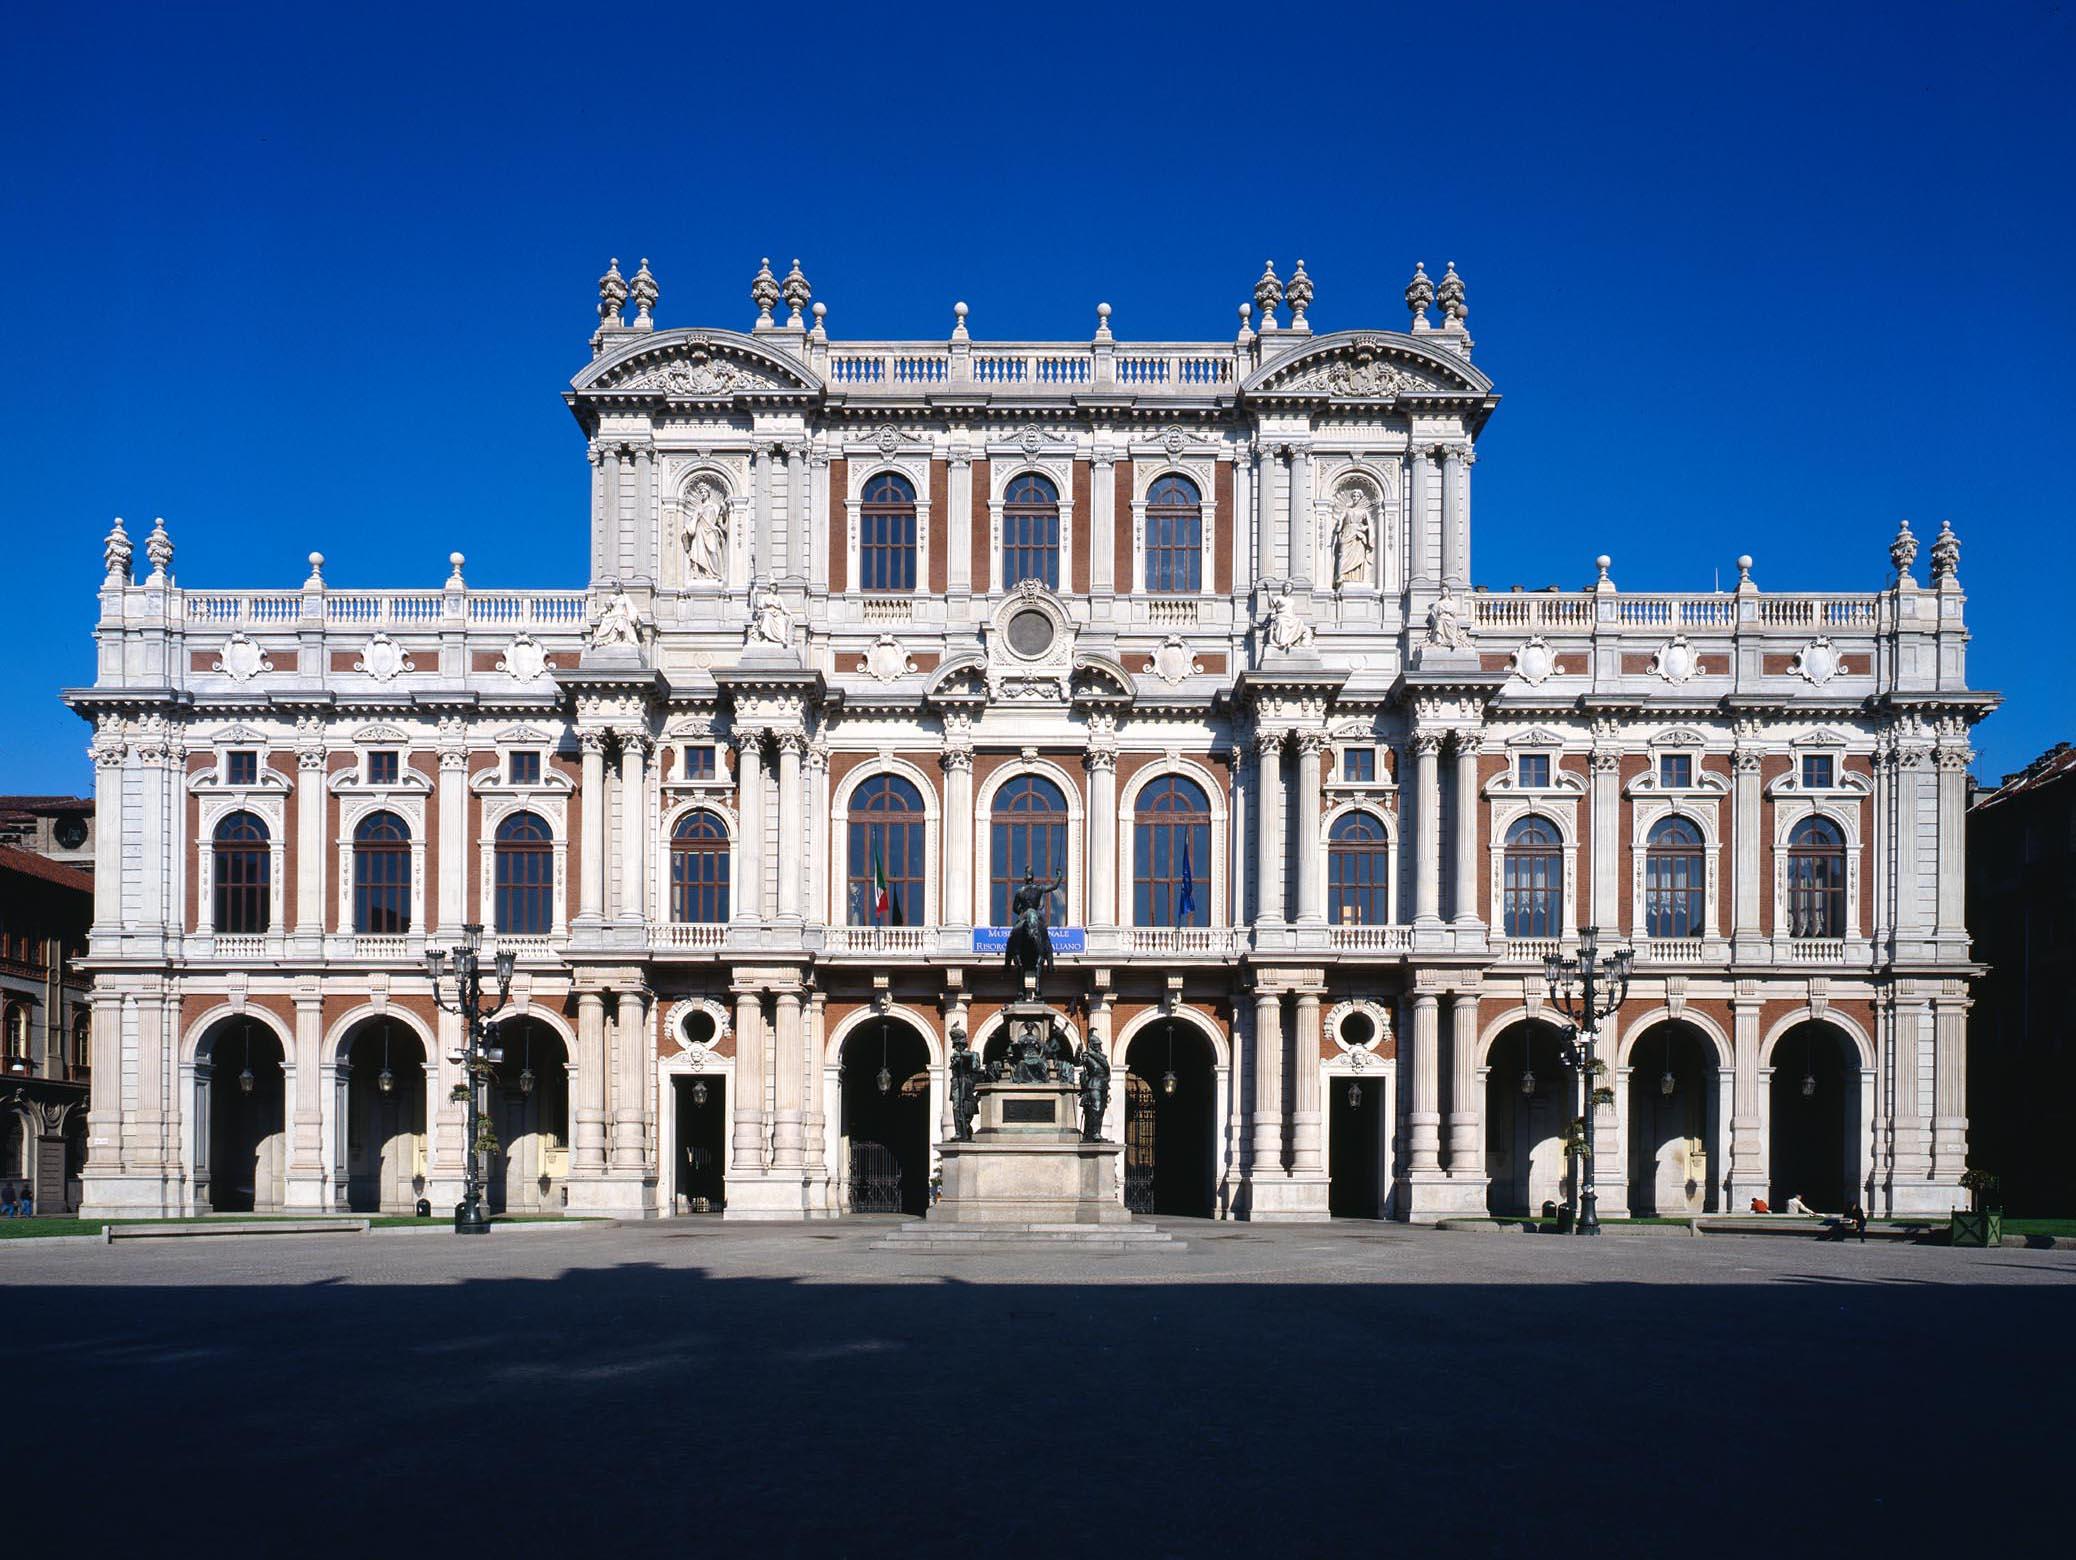 Museo Nazionale Del Risorgimento Italiano.Museo Nazionale Del Risorgimento Italiano Turismo Torino E Provincia